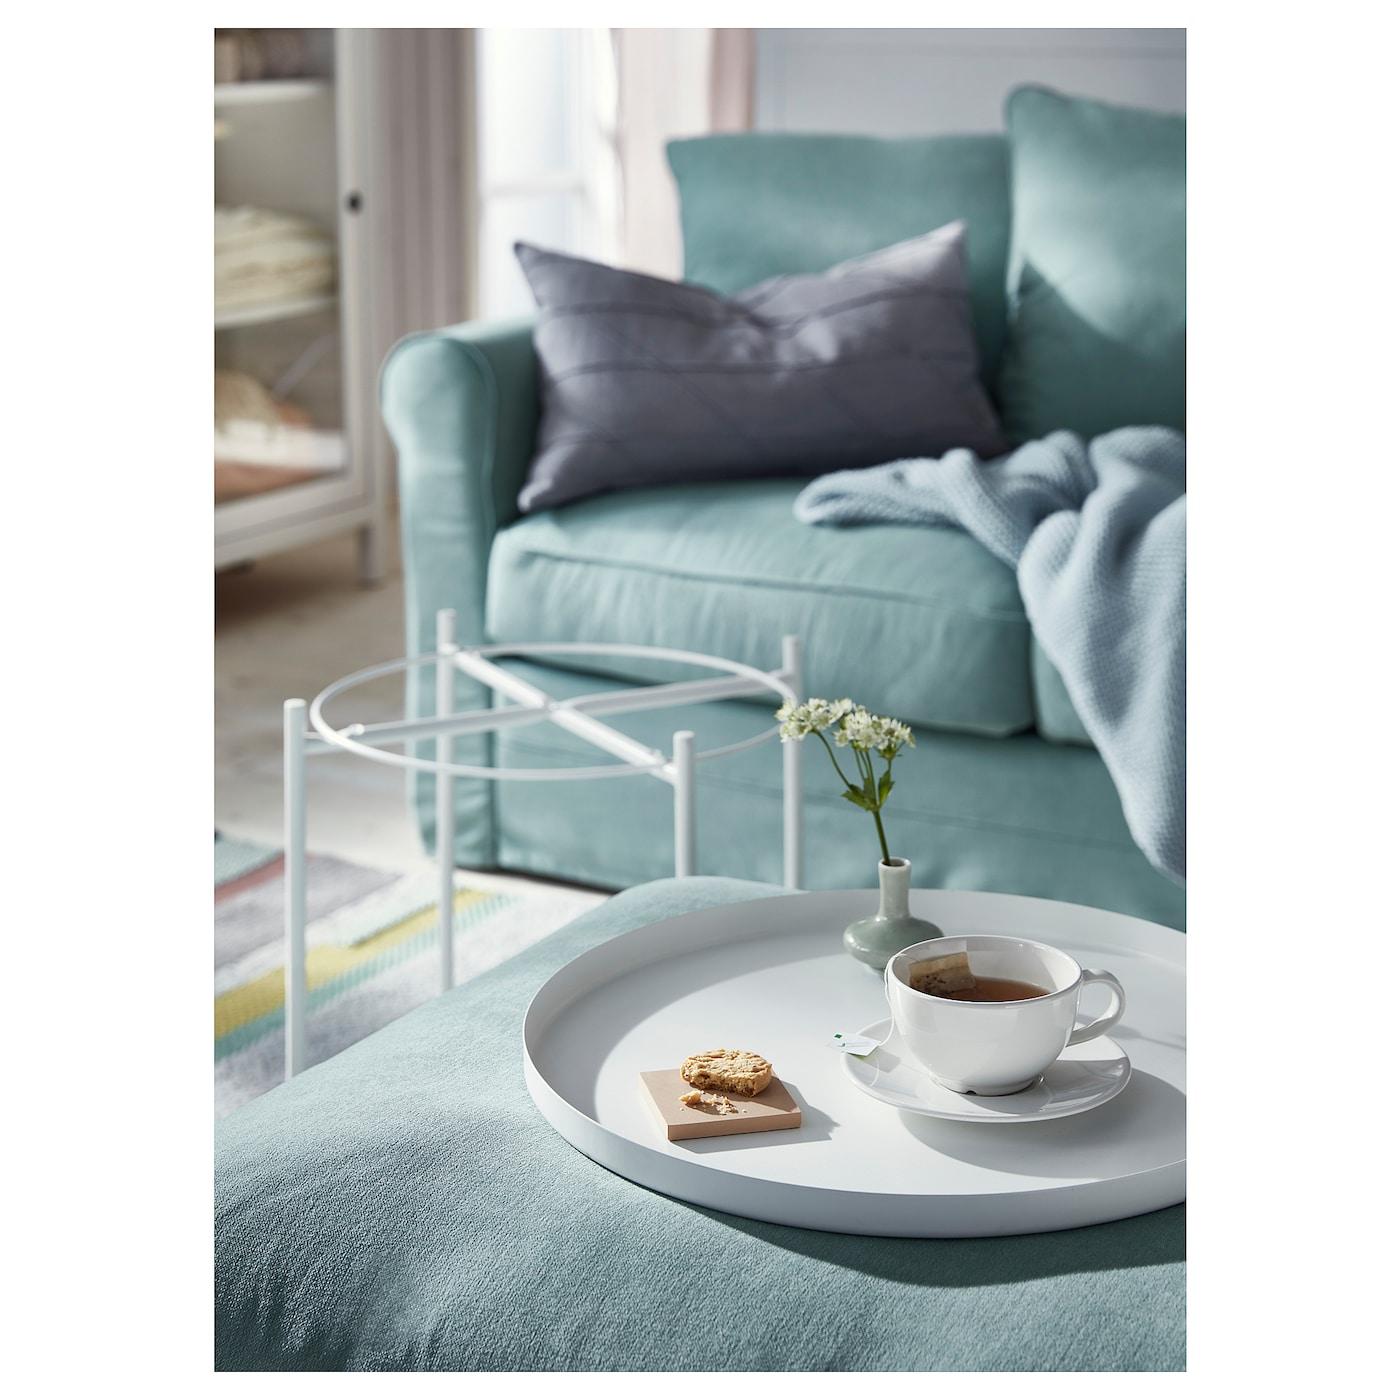 GLADOM Tray table, green, 45x53 cm IKEA